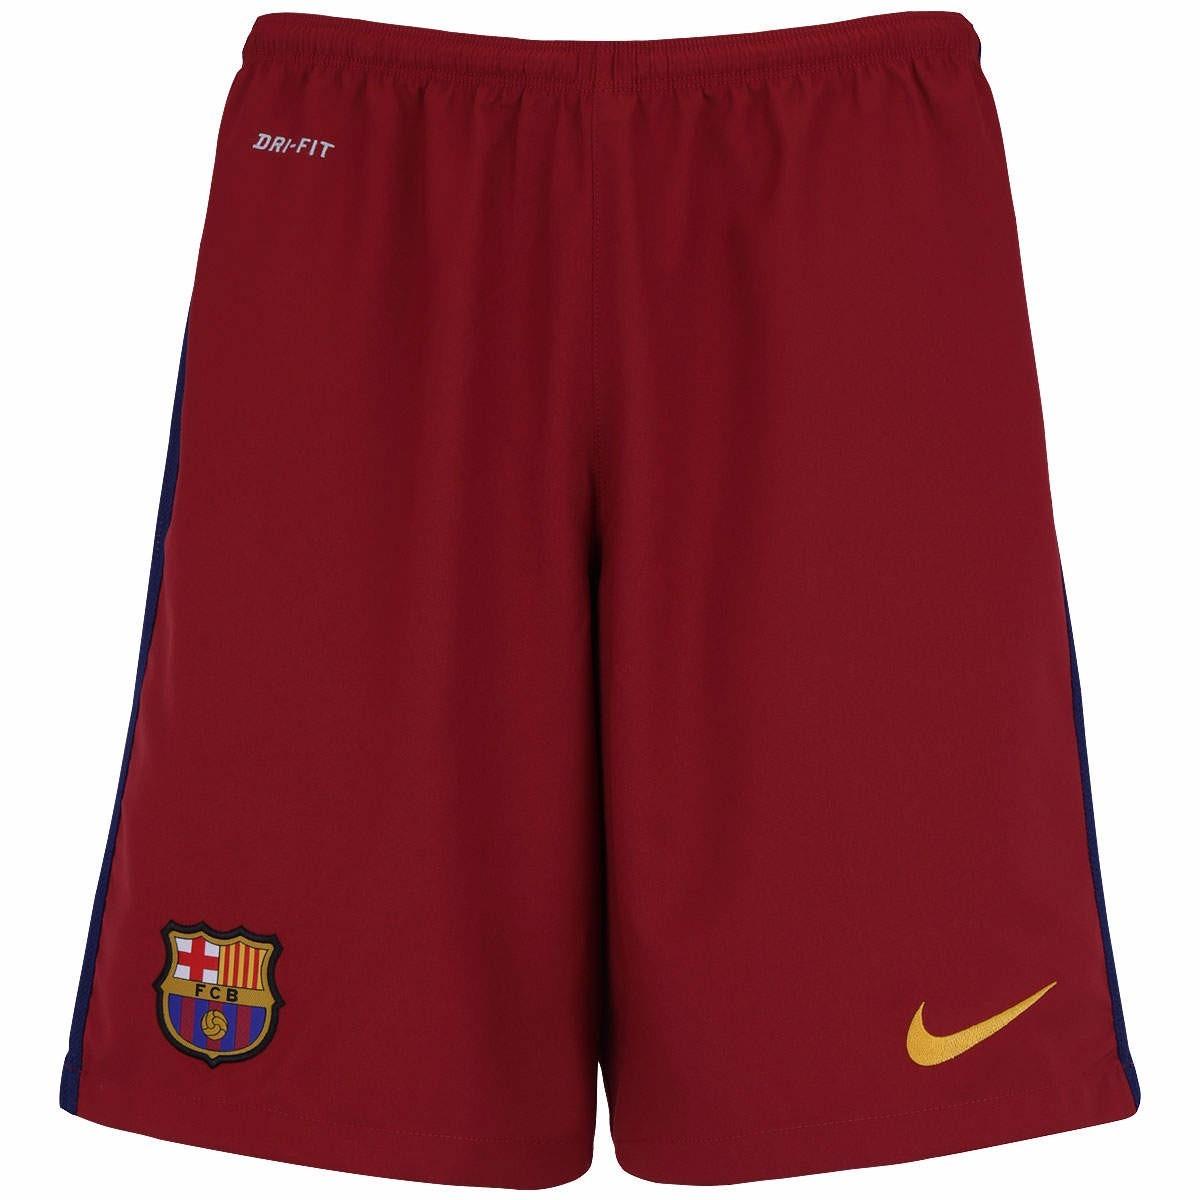 f550a9c64d Shorts Calção Do Barcelona Novo Bermuda Jogador De Futebol - R  69 ...